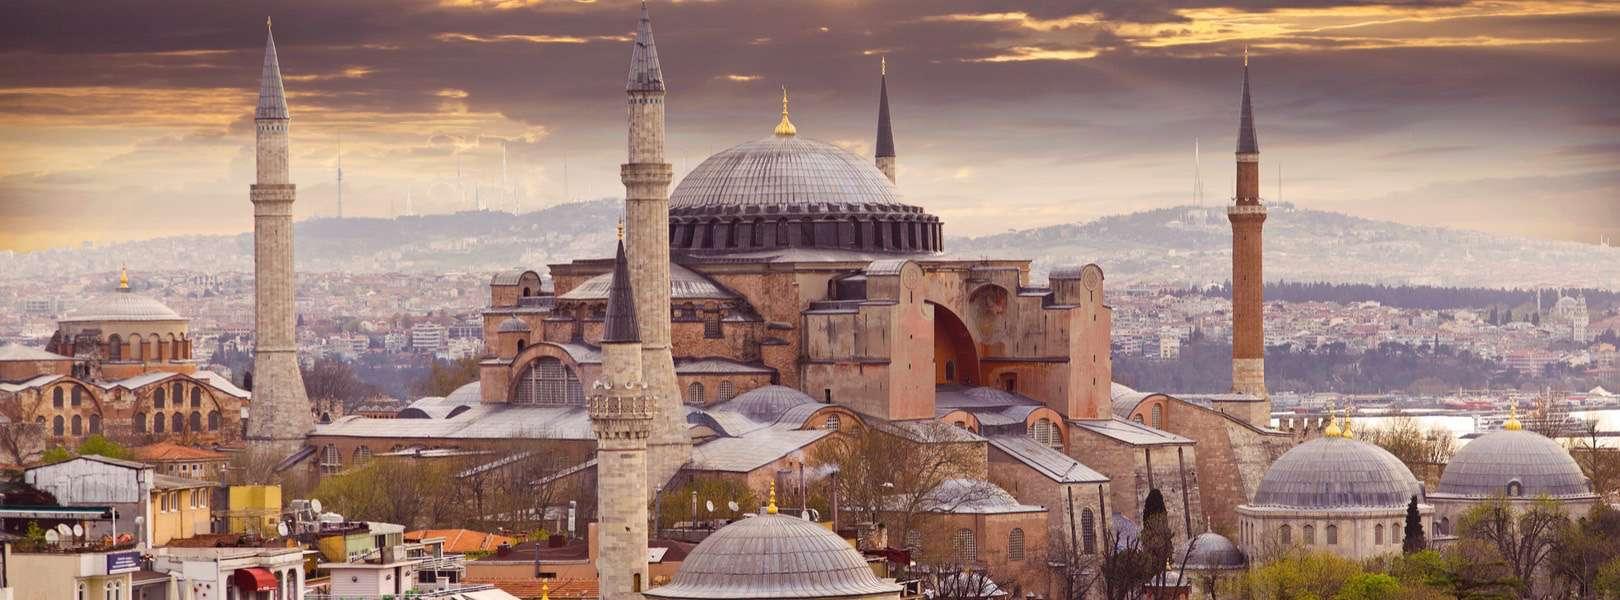 Blick auf die bekannte Hagia Sophia in Istanbul